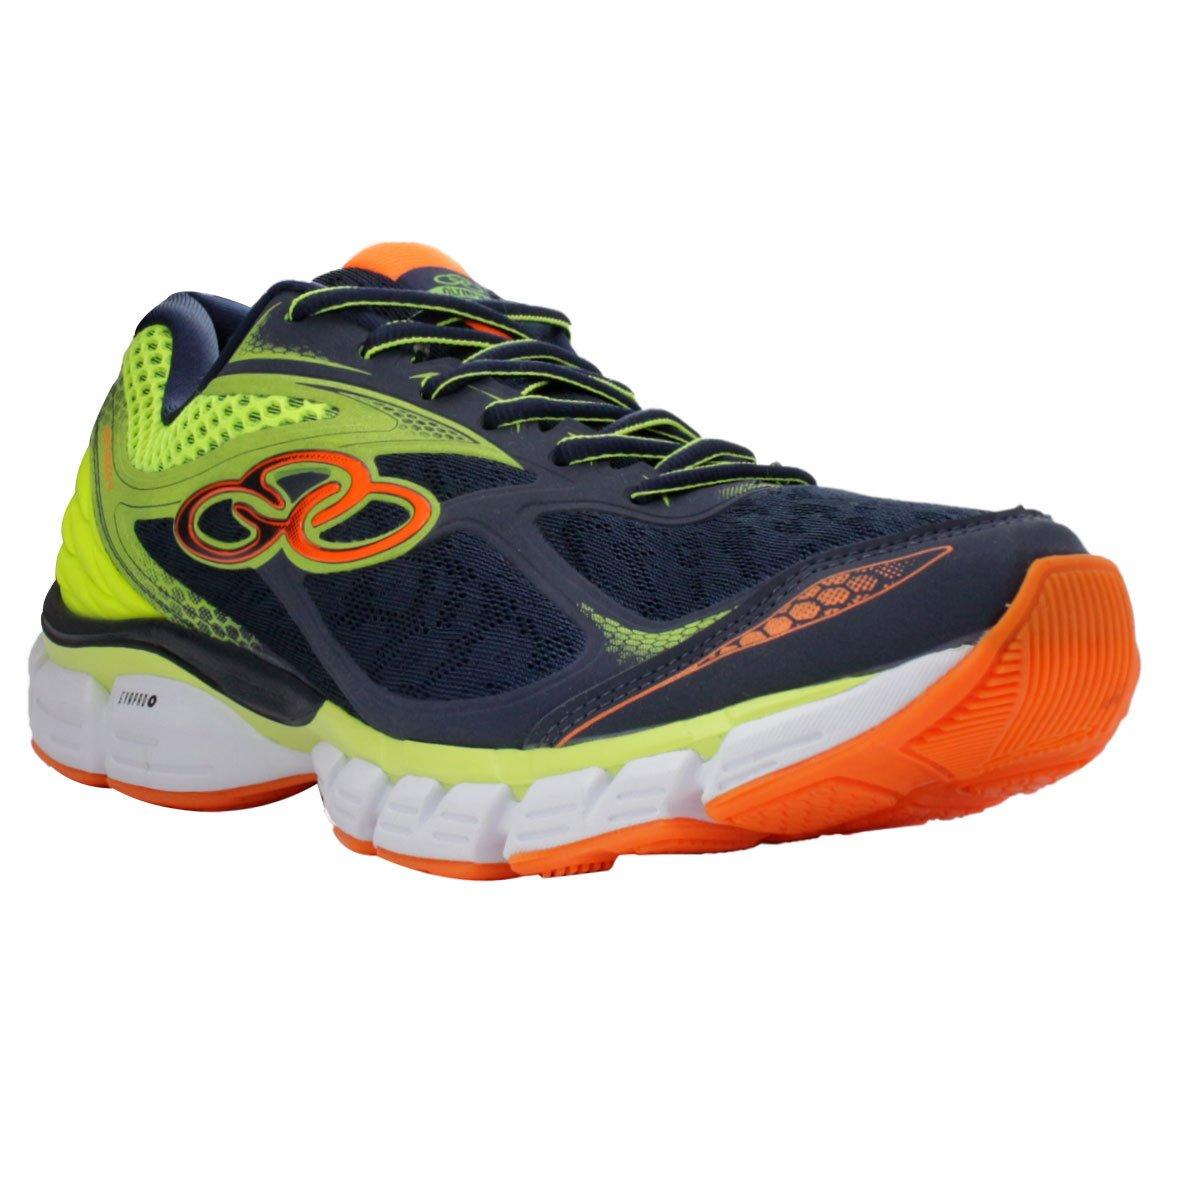 ba10c686e1e Tênis Olympikus Distance 4 - Compre Agora